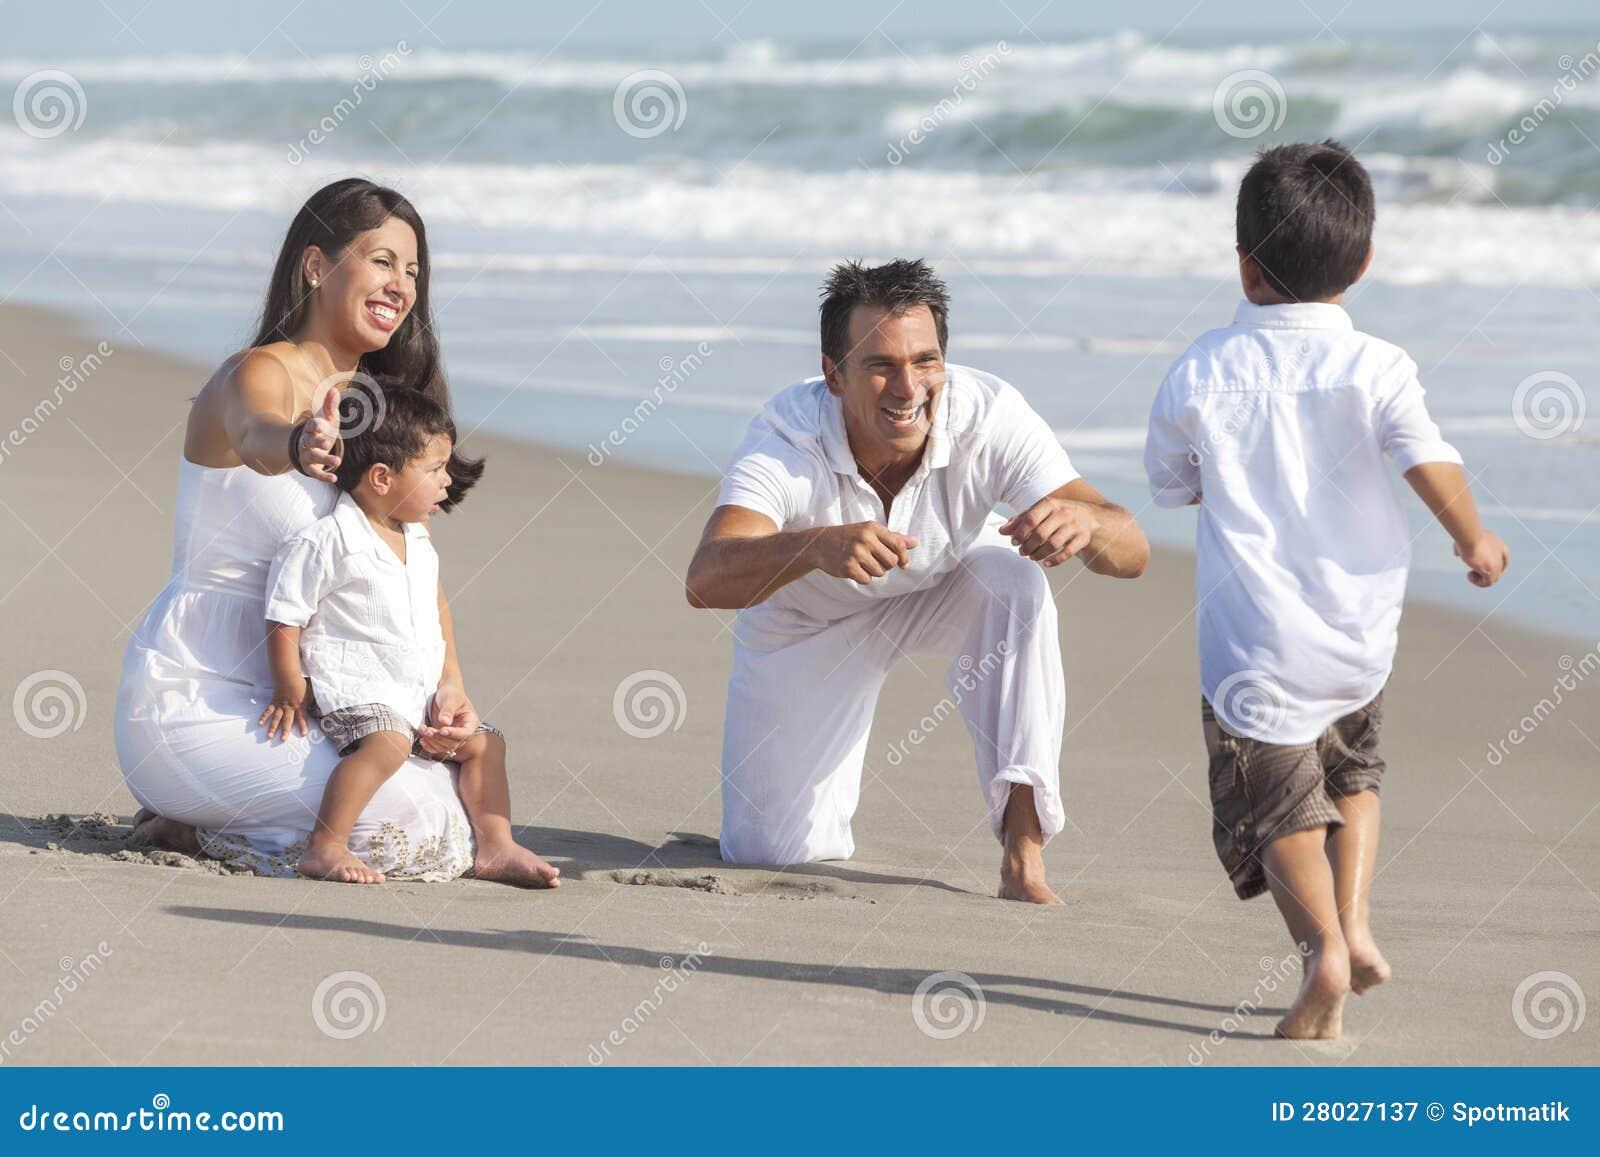 Сын заигрывает с матерью 8 фотография